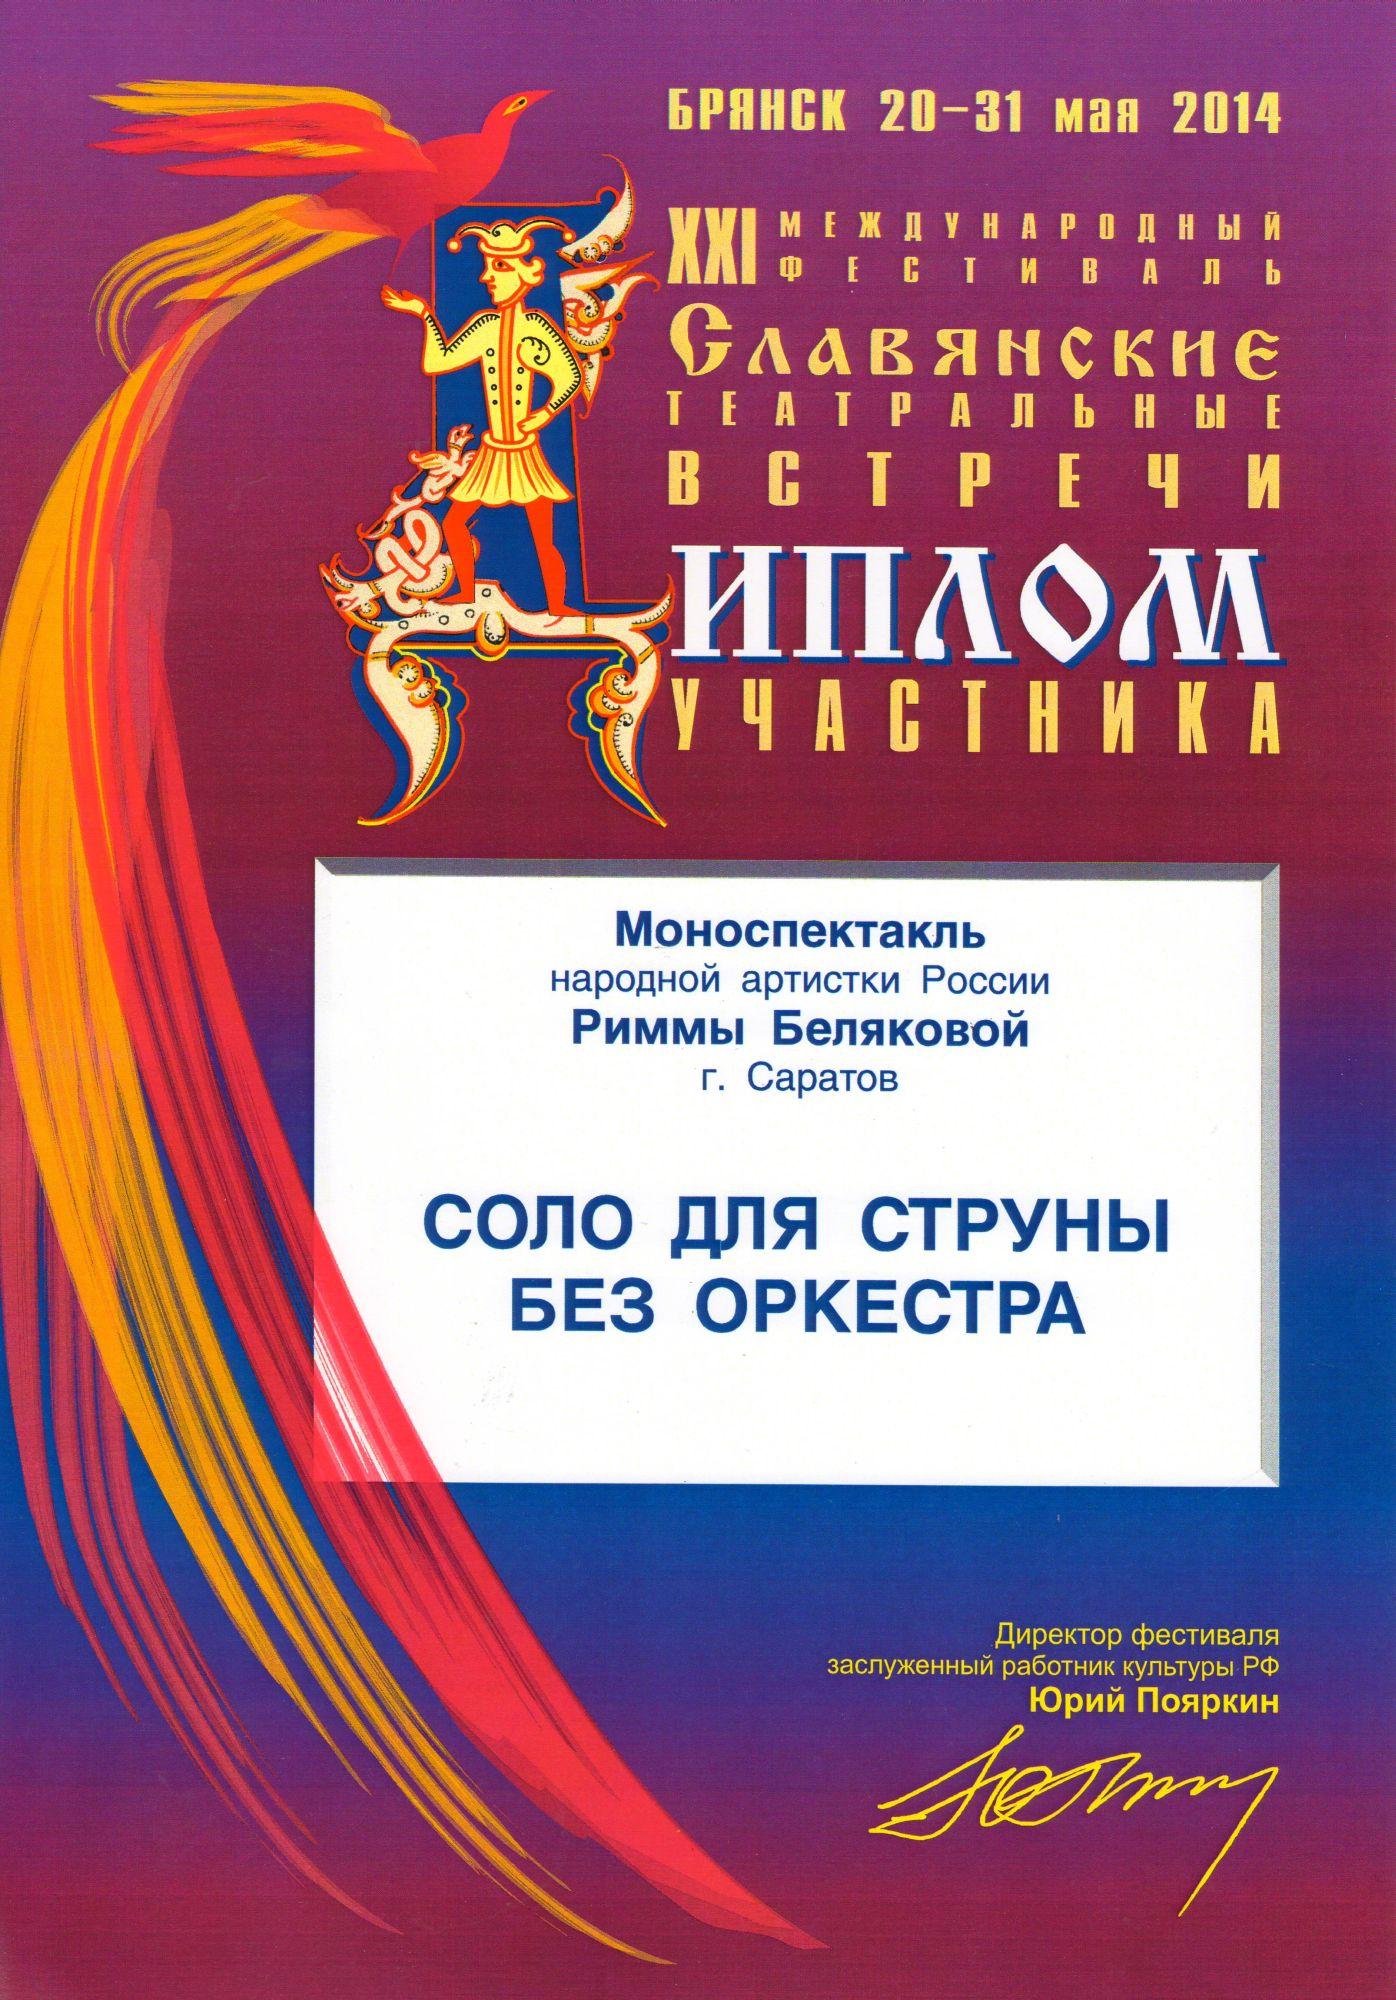 Театральный институт Белякова Римма Ивановна tl files personalij beljakova diplom jpg